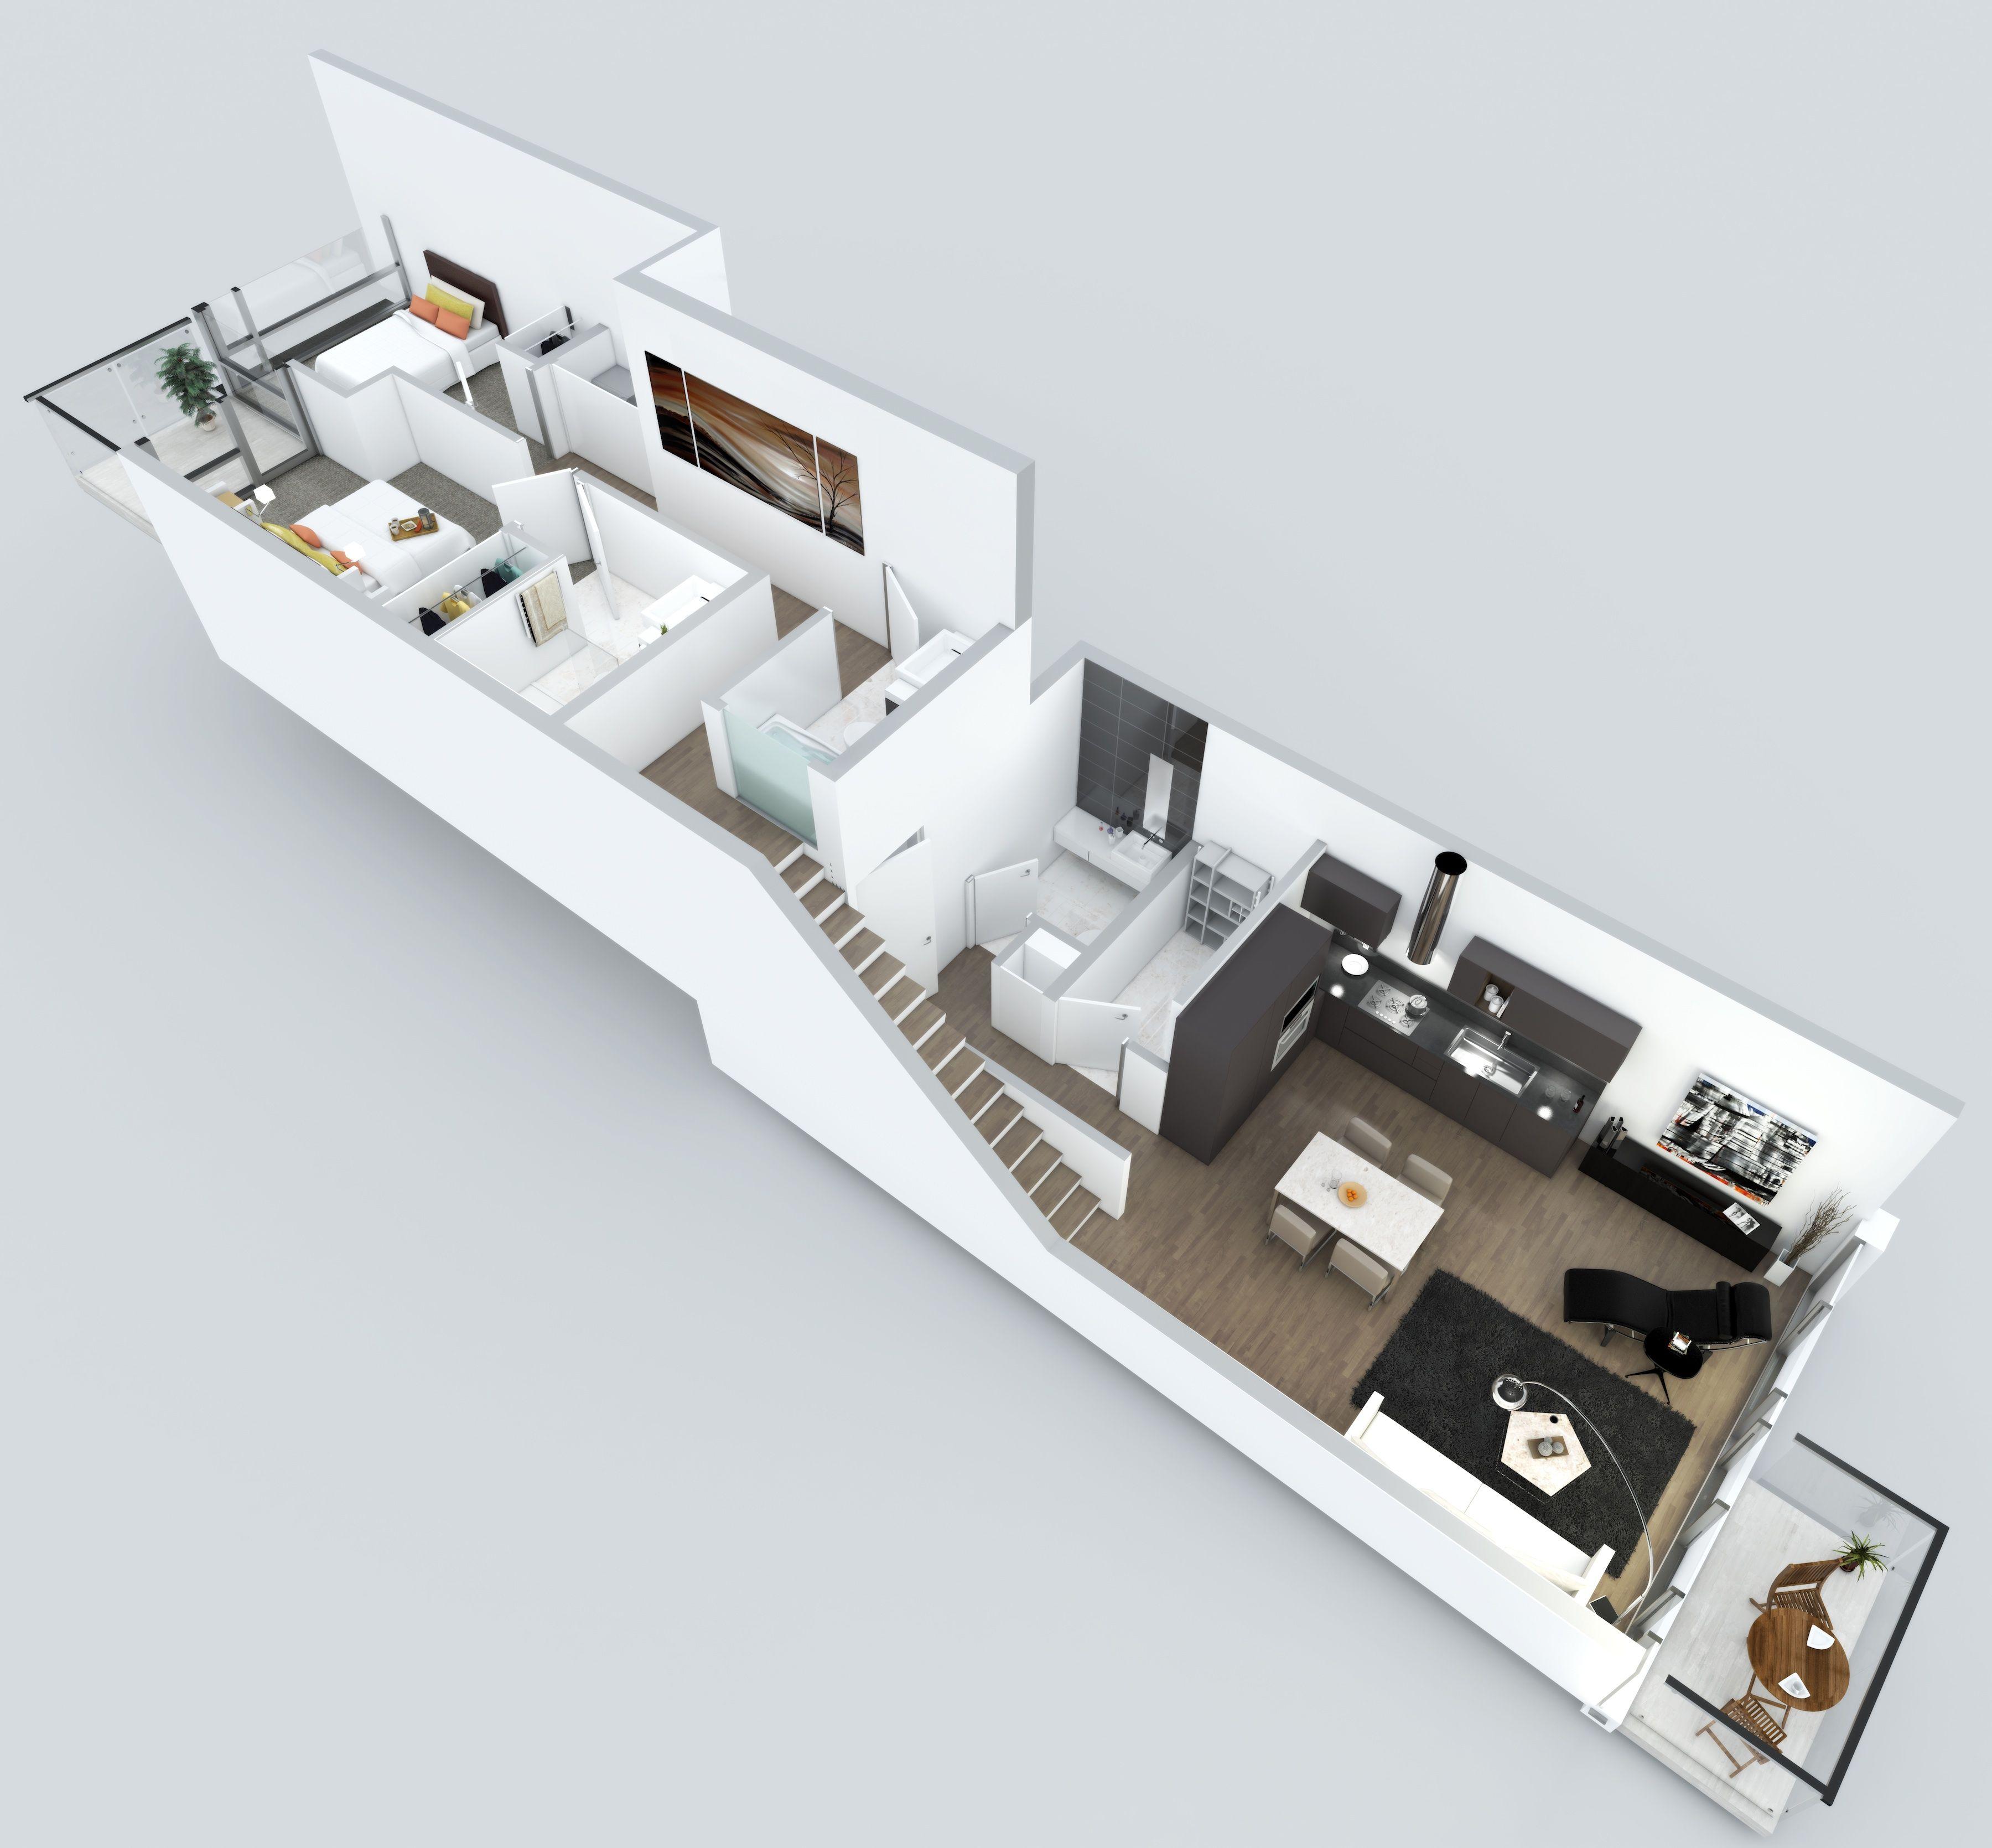 Esams Condo Interior Design Vancouver: Collection 45 Vancouver Presale Condo PRICING & Floor Plans